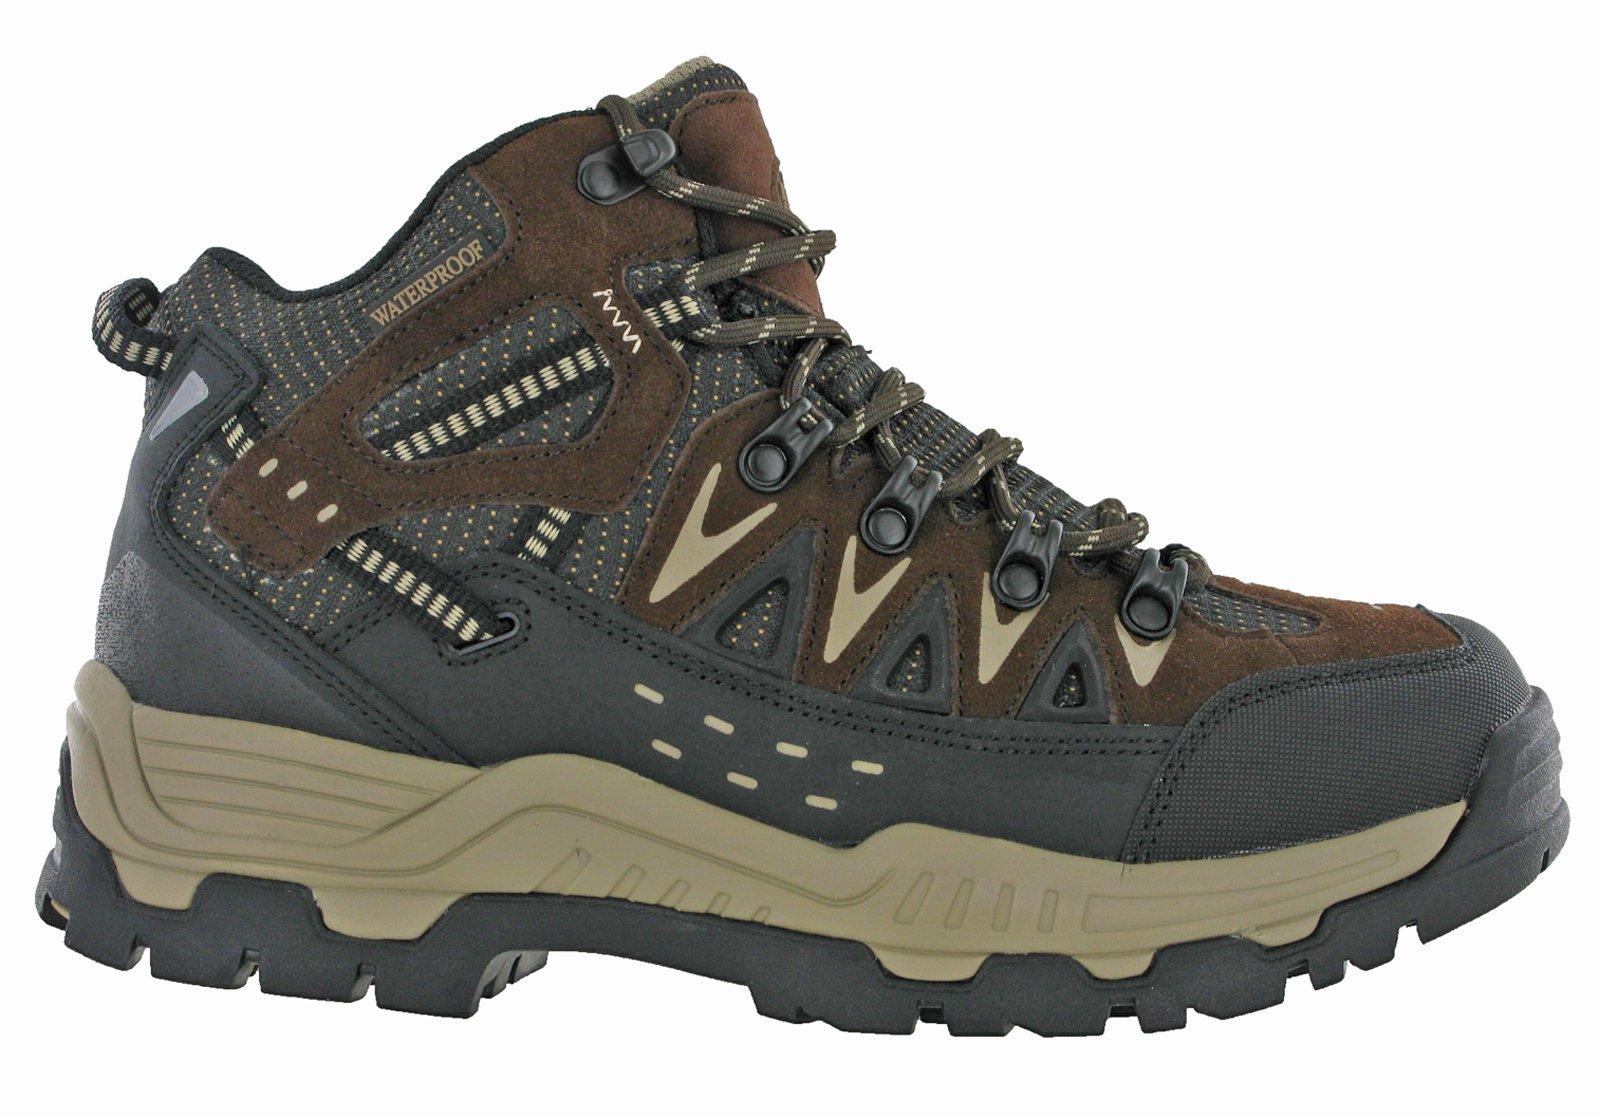 Northwest Mens Piers Hi Cut Brown/Beige Ankle Walking Boots 3